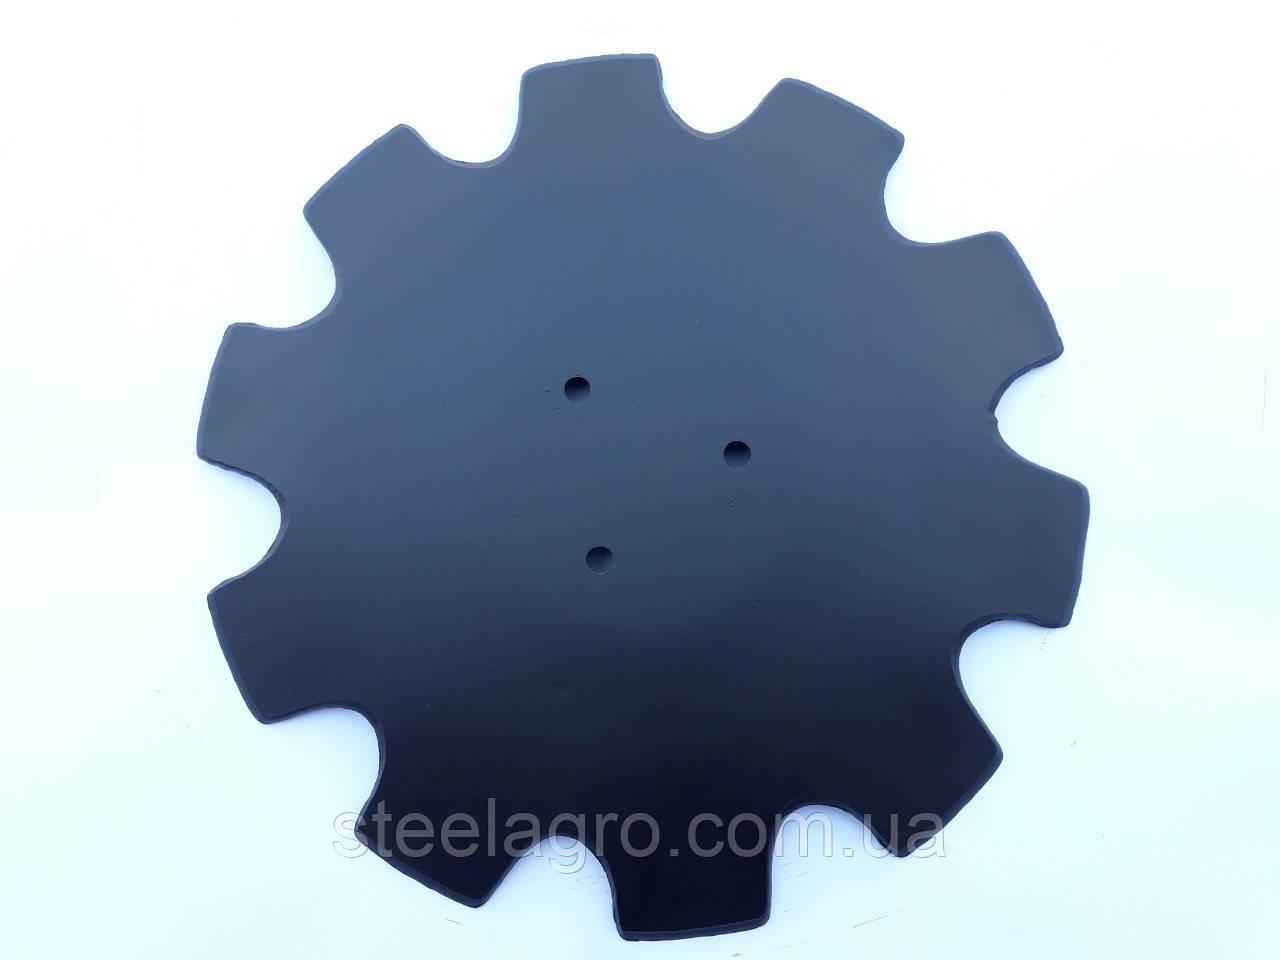 Диск ромашка Horsch 460Х6мм,3отв.ф13мм (23246106)